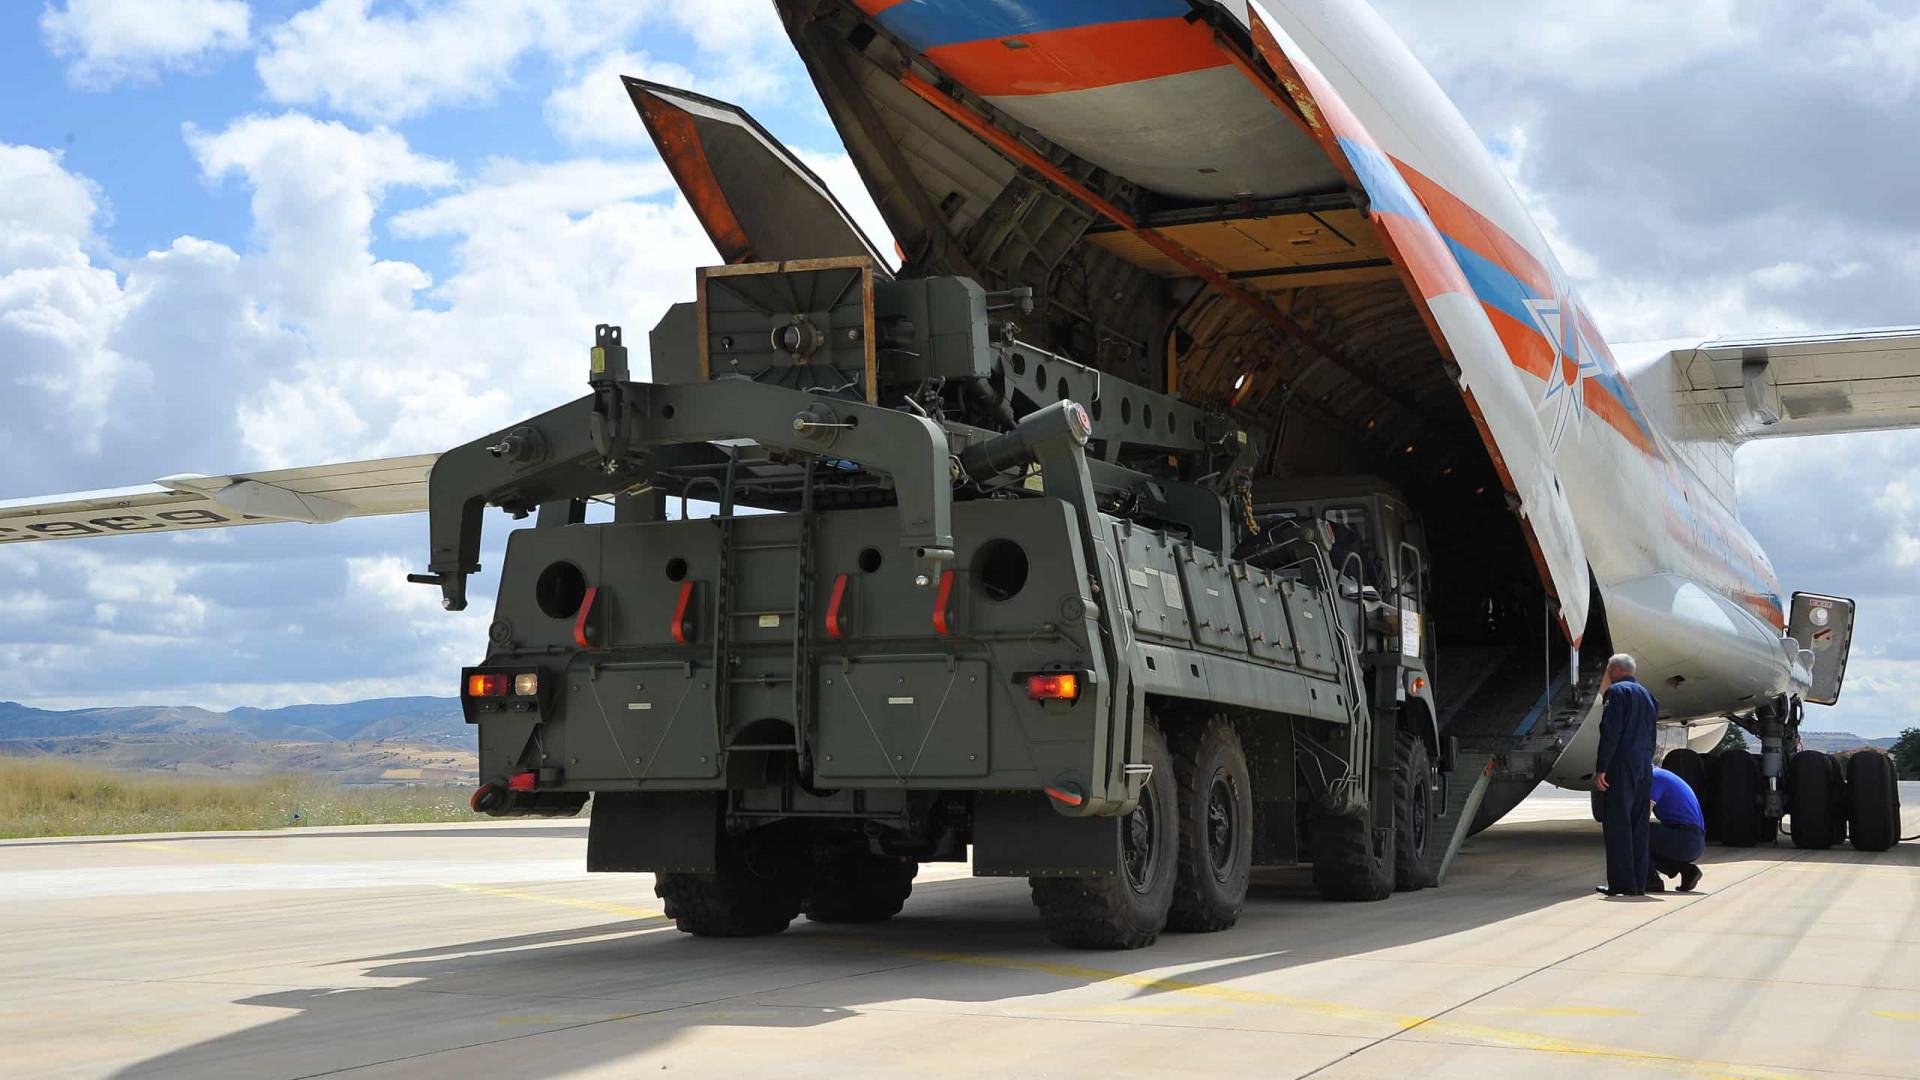 Turquia ativará sistema de mísseis russo, reitera Ancara